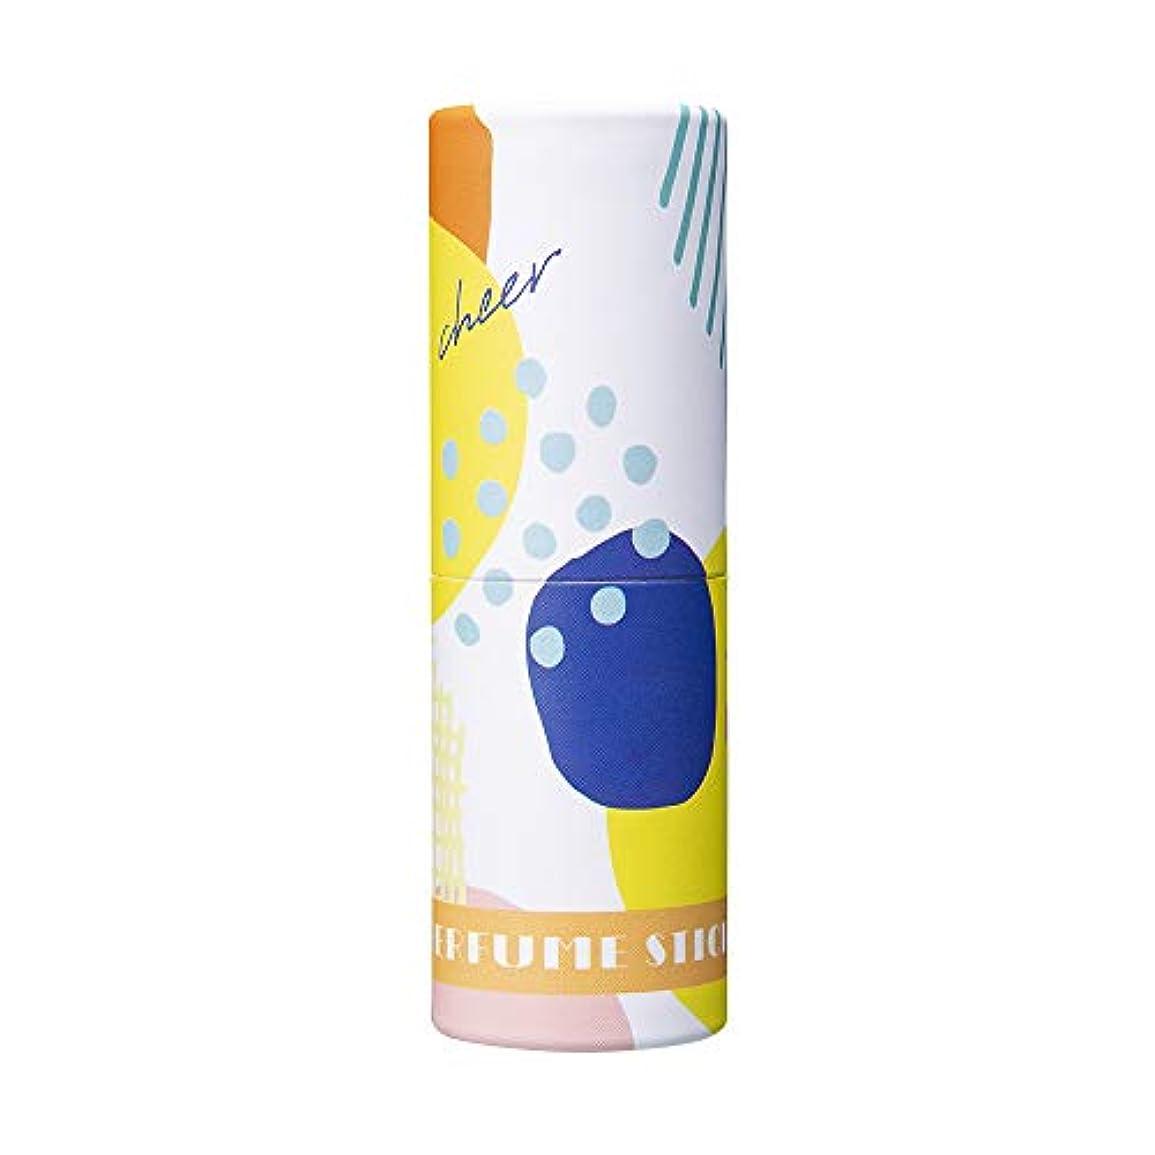 告白降伏床を掃除するパフュームスティック チアー シトラス&シャボンの香り オリジナルデザイン 5g